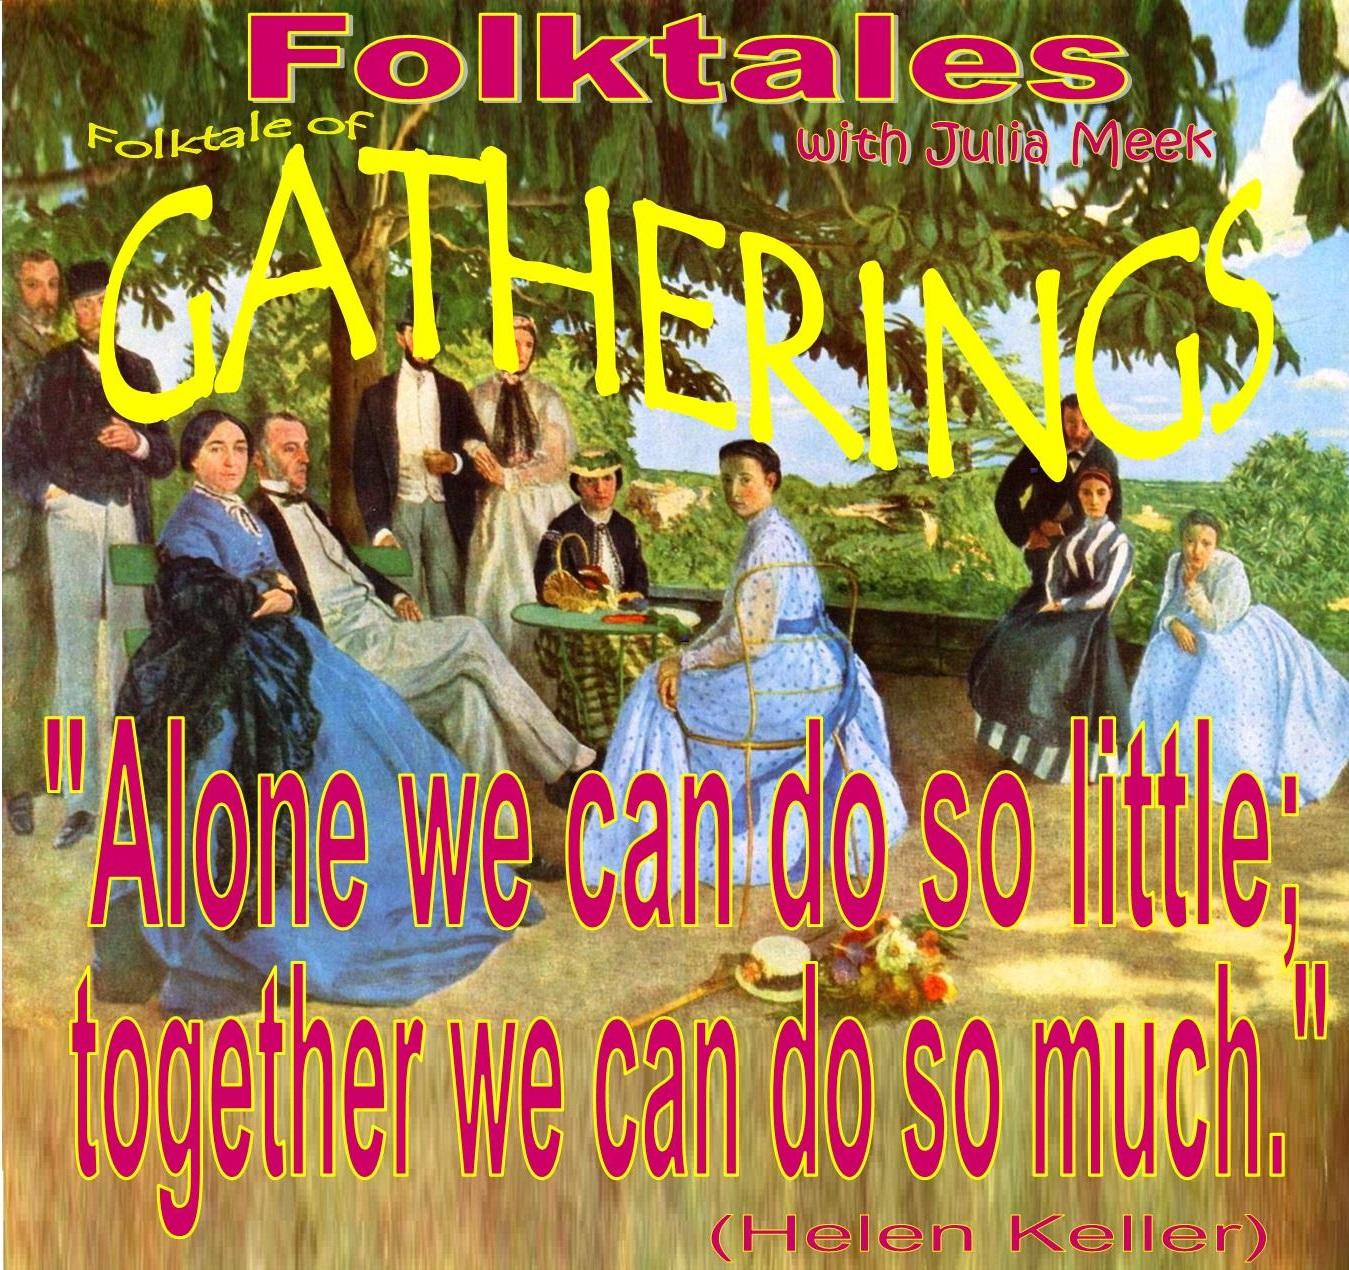 Caption: WBOI's Folktale of Gatherings, Credit: Julia Meek